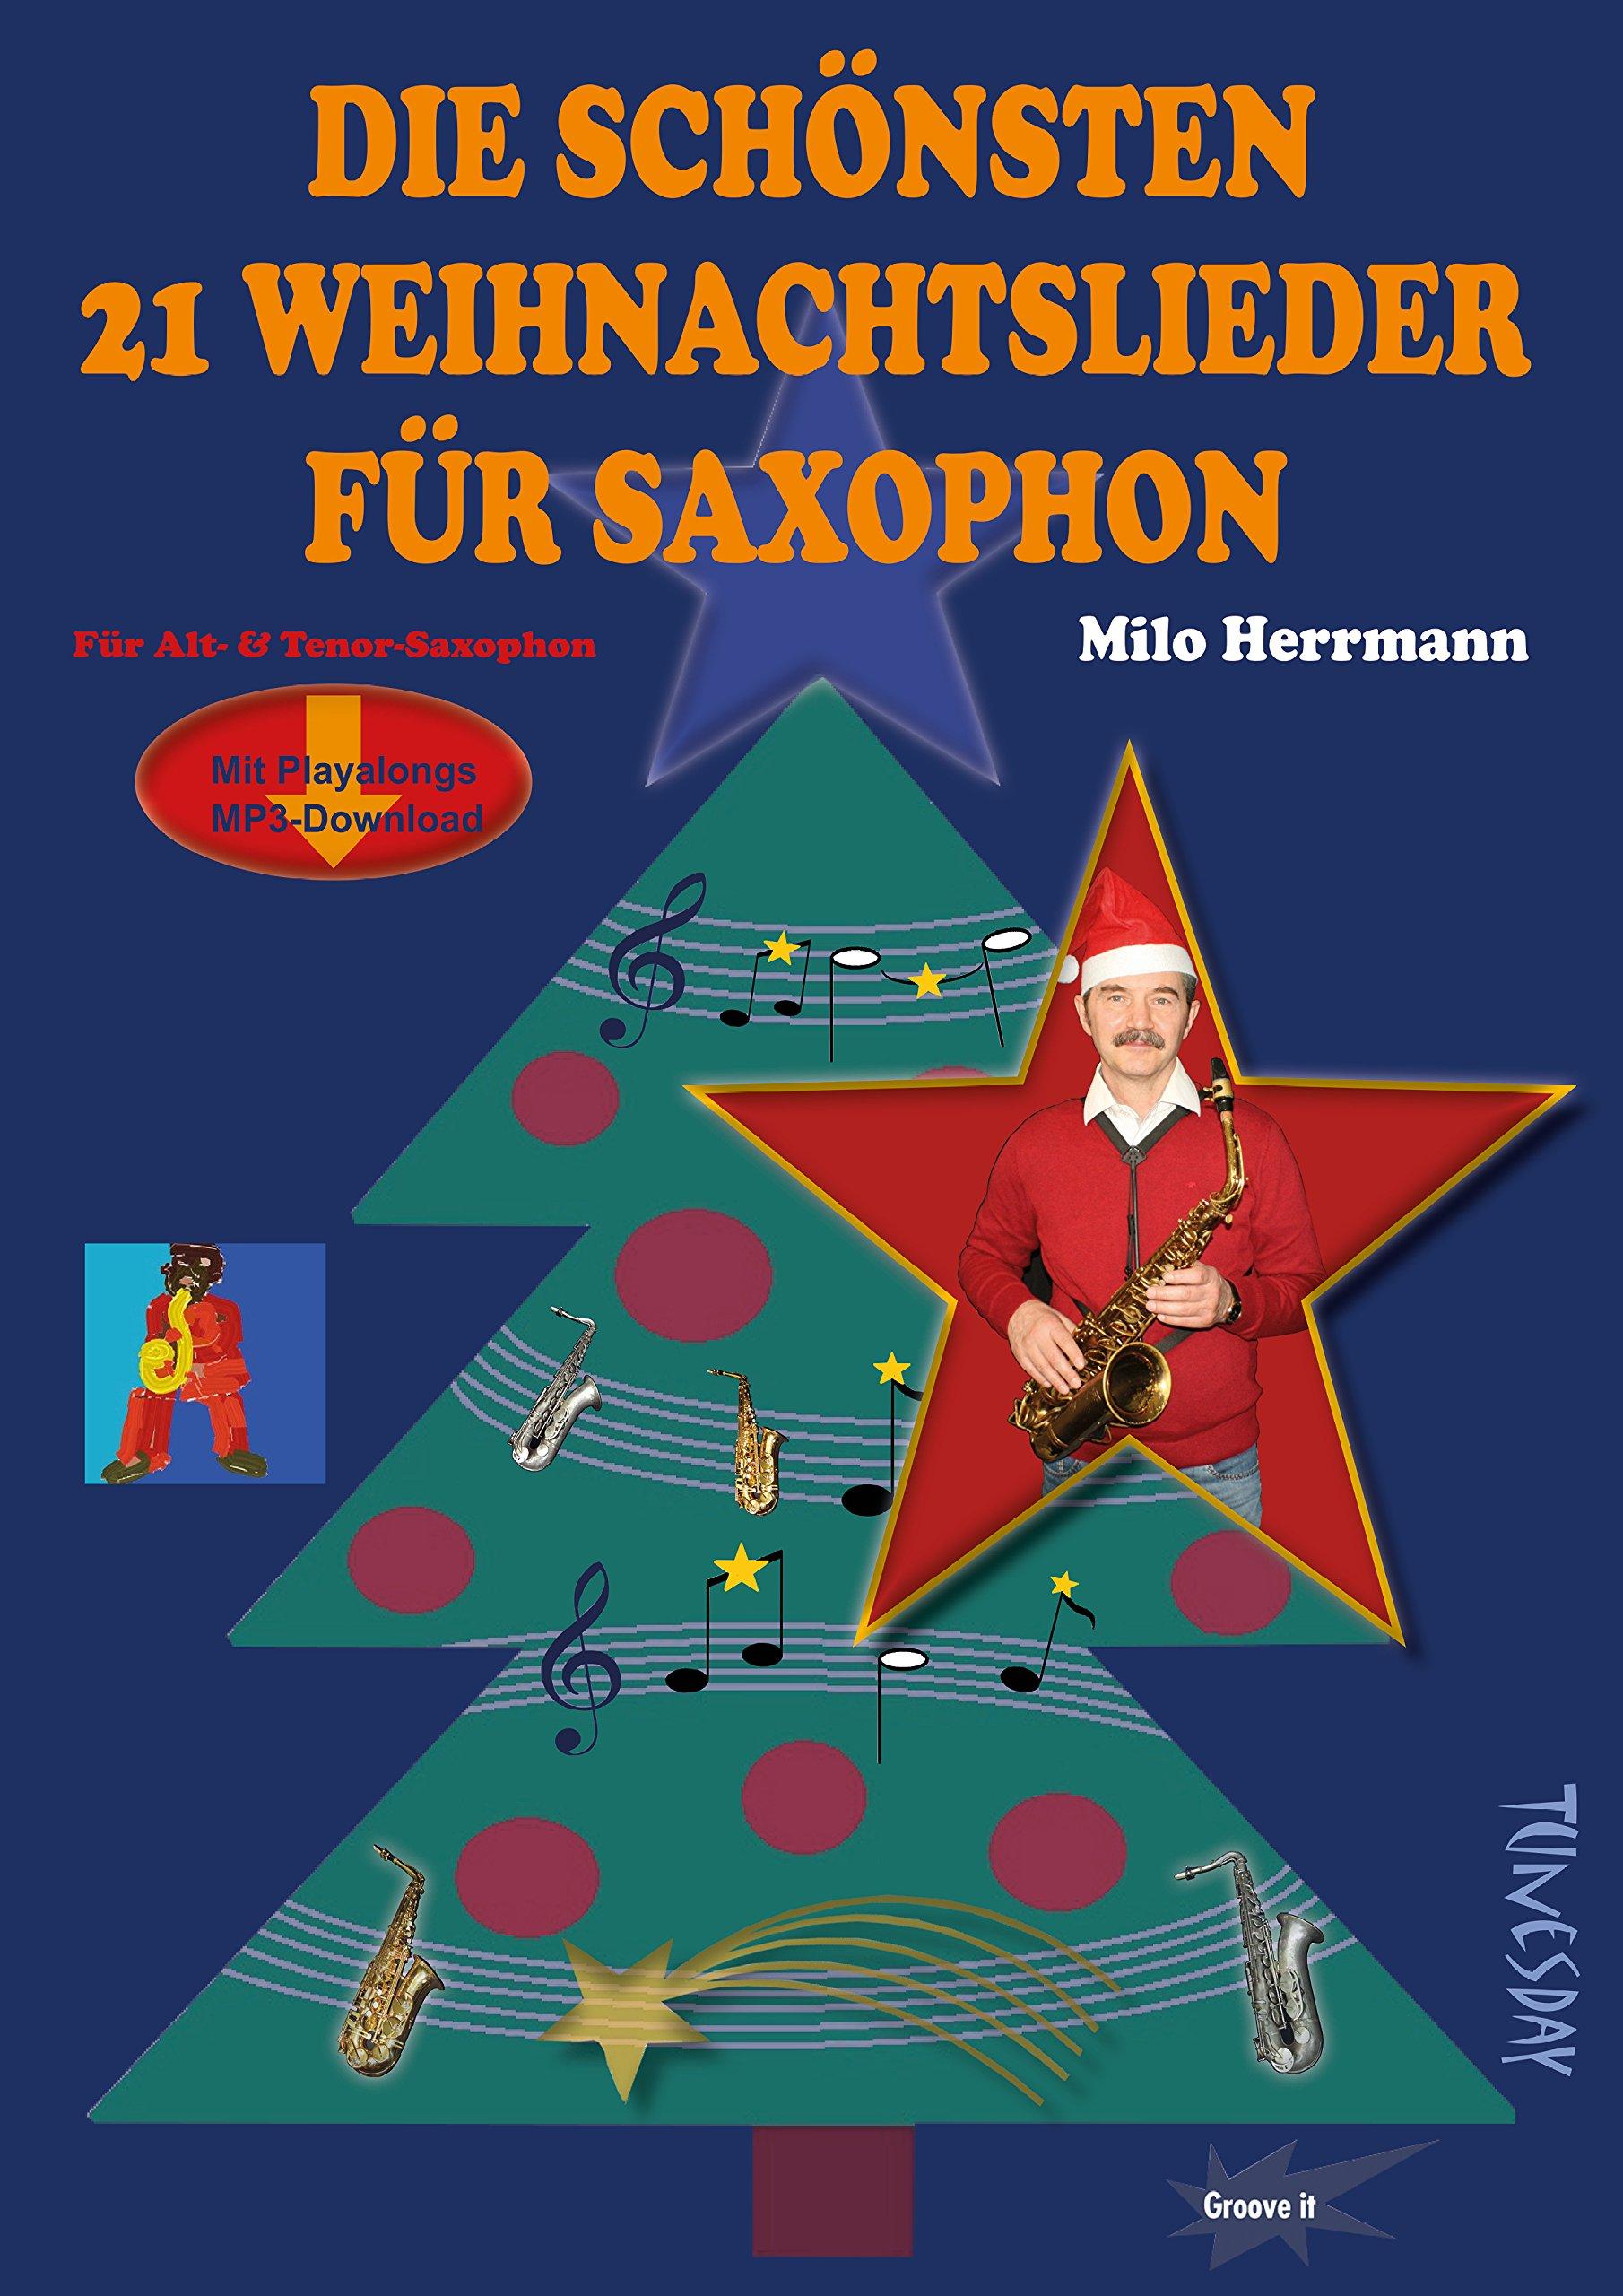 Die schönsten 21 Weihnachtslieder für Saxophon - Noten mit ...